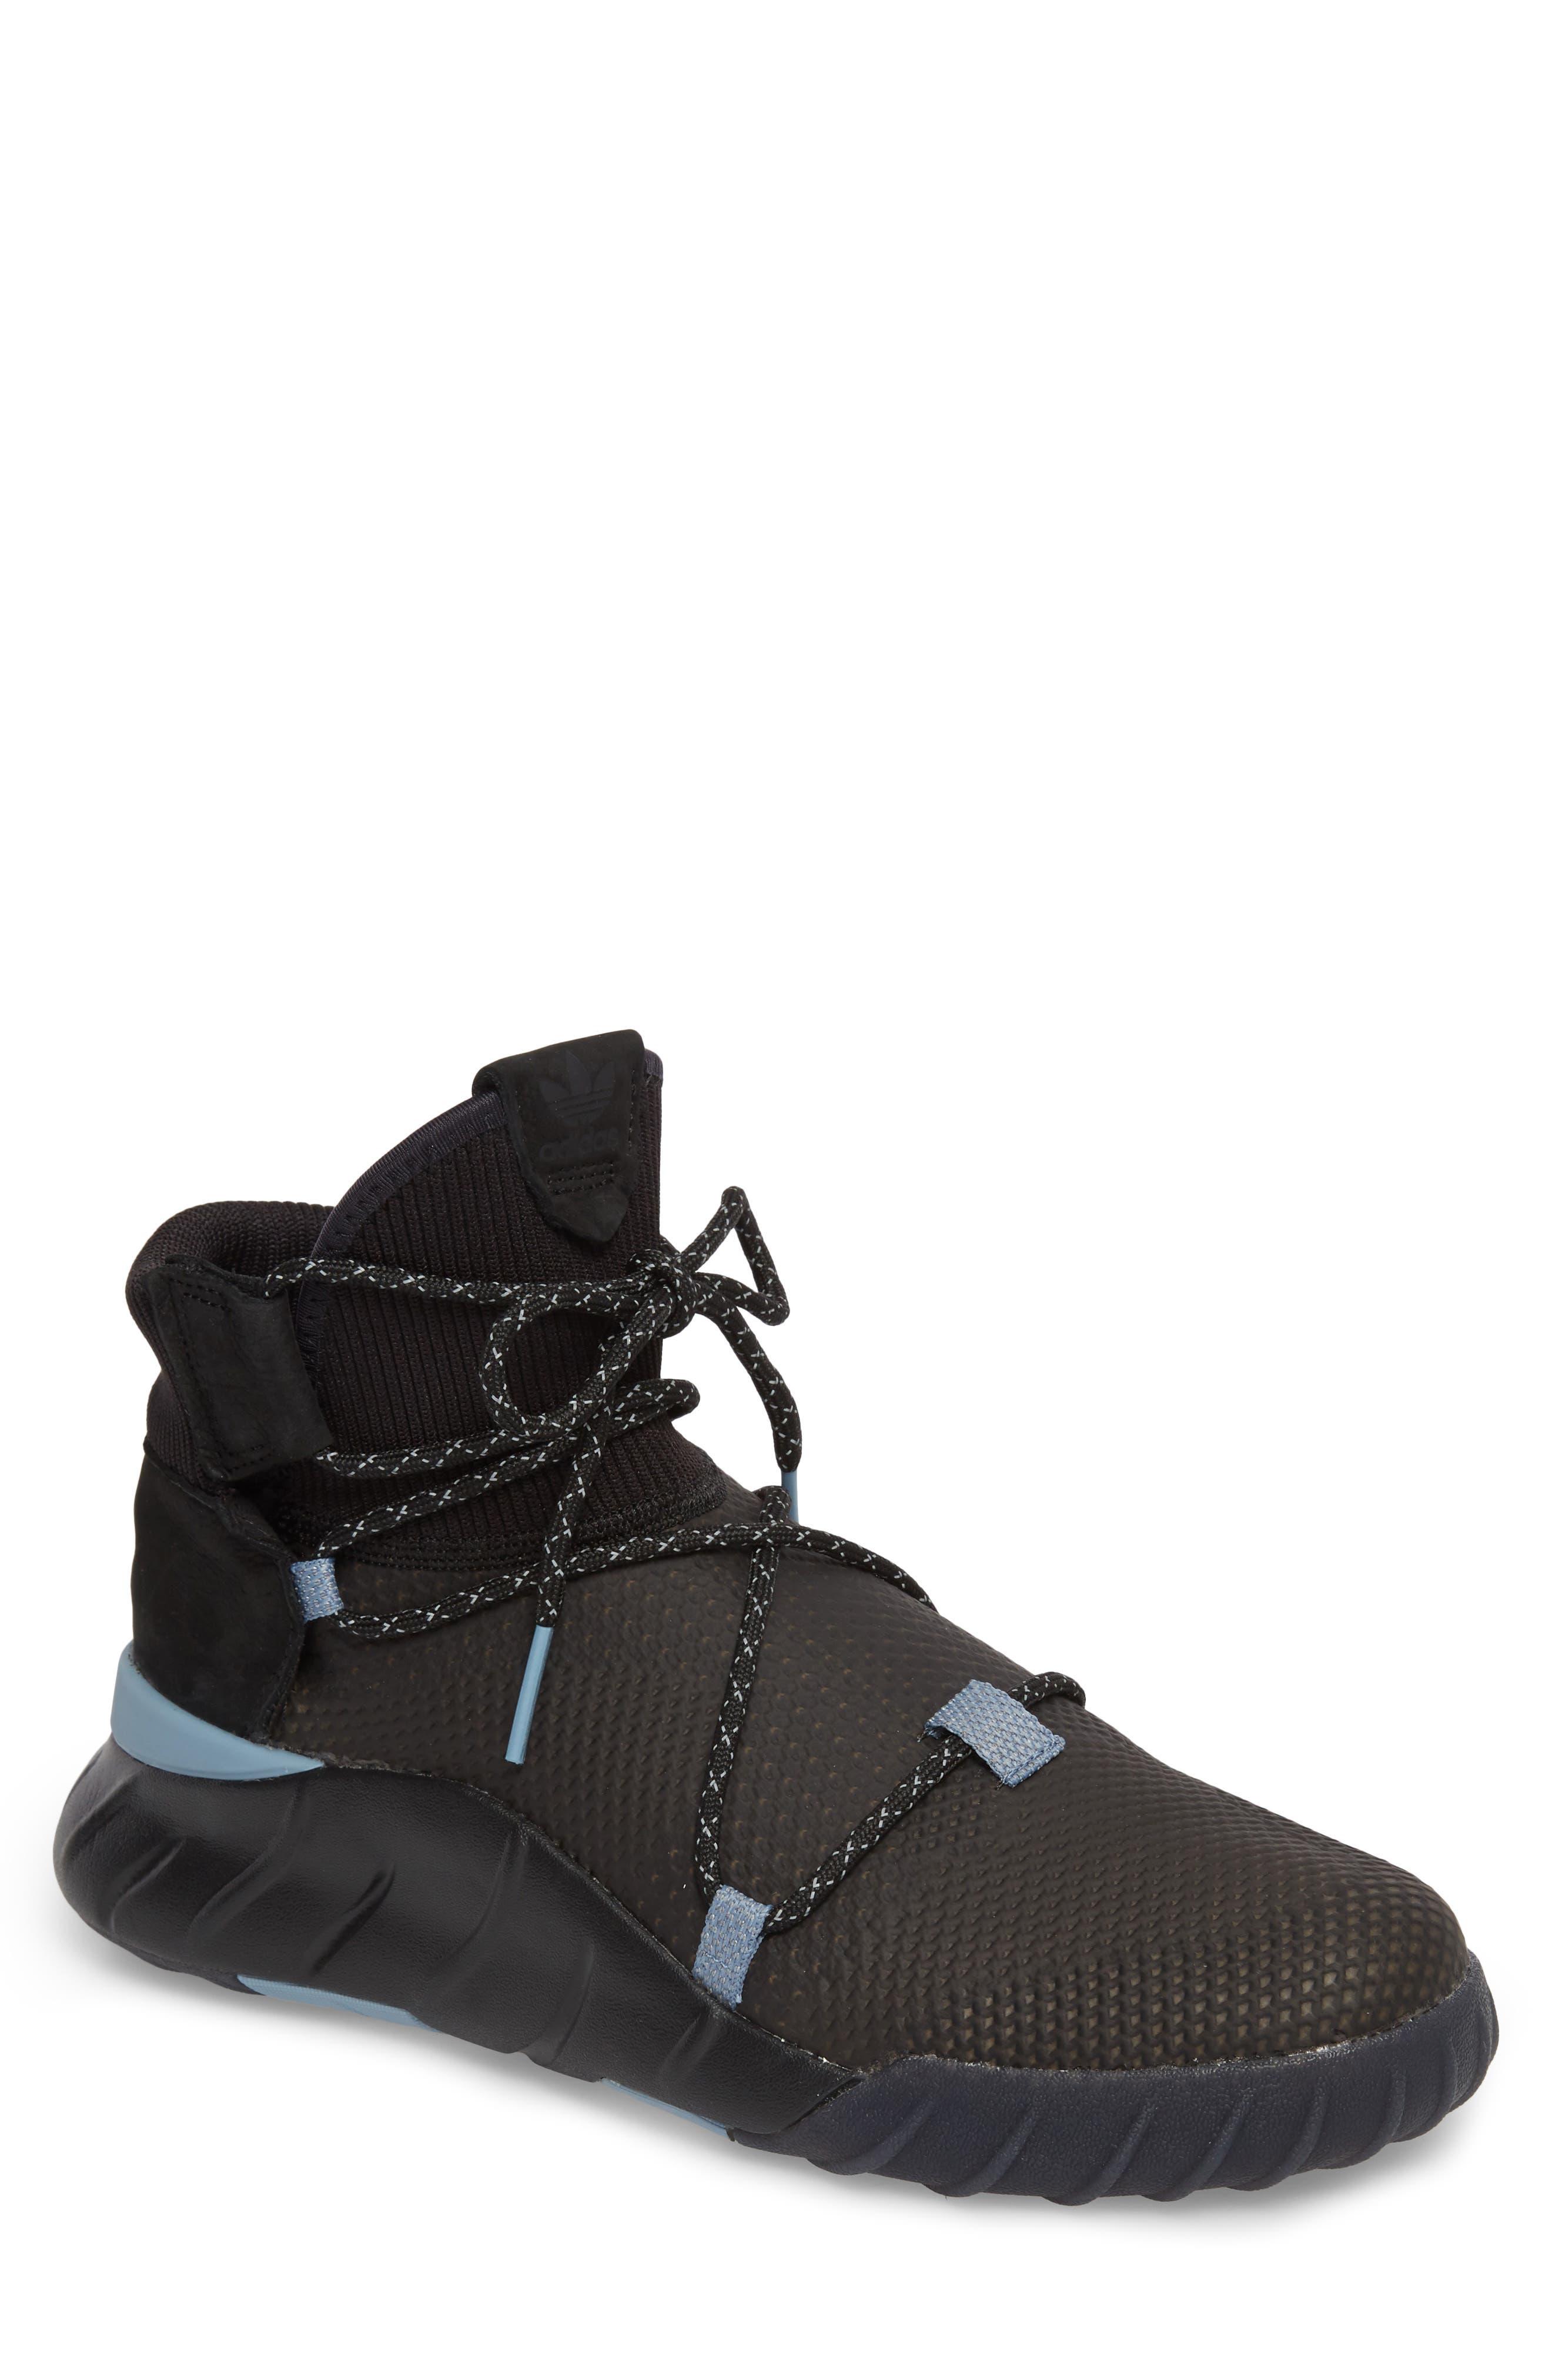 Tubular X 2.0 PK Sneaker,                         Main,                         color, Core Black